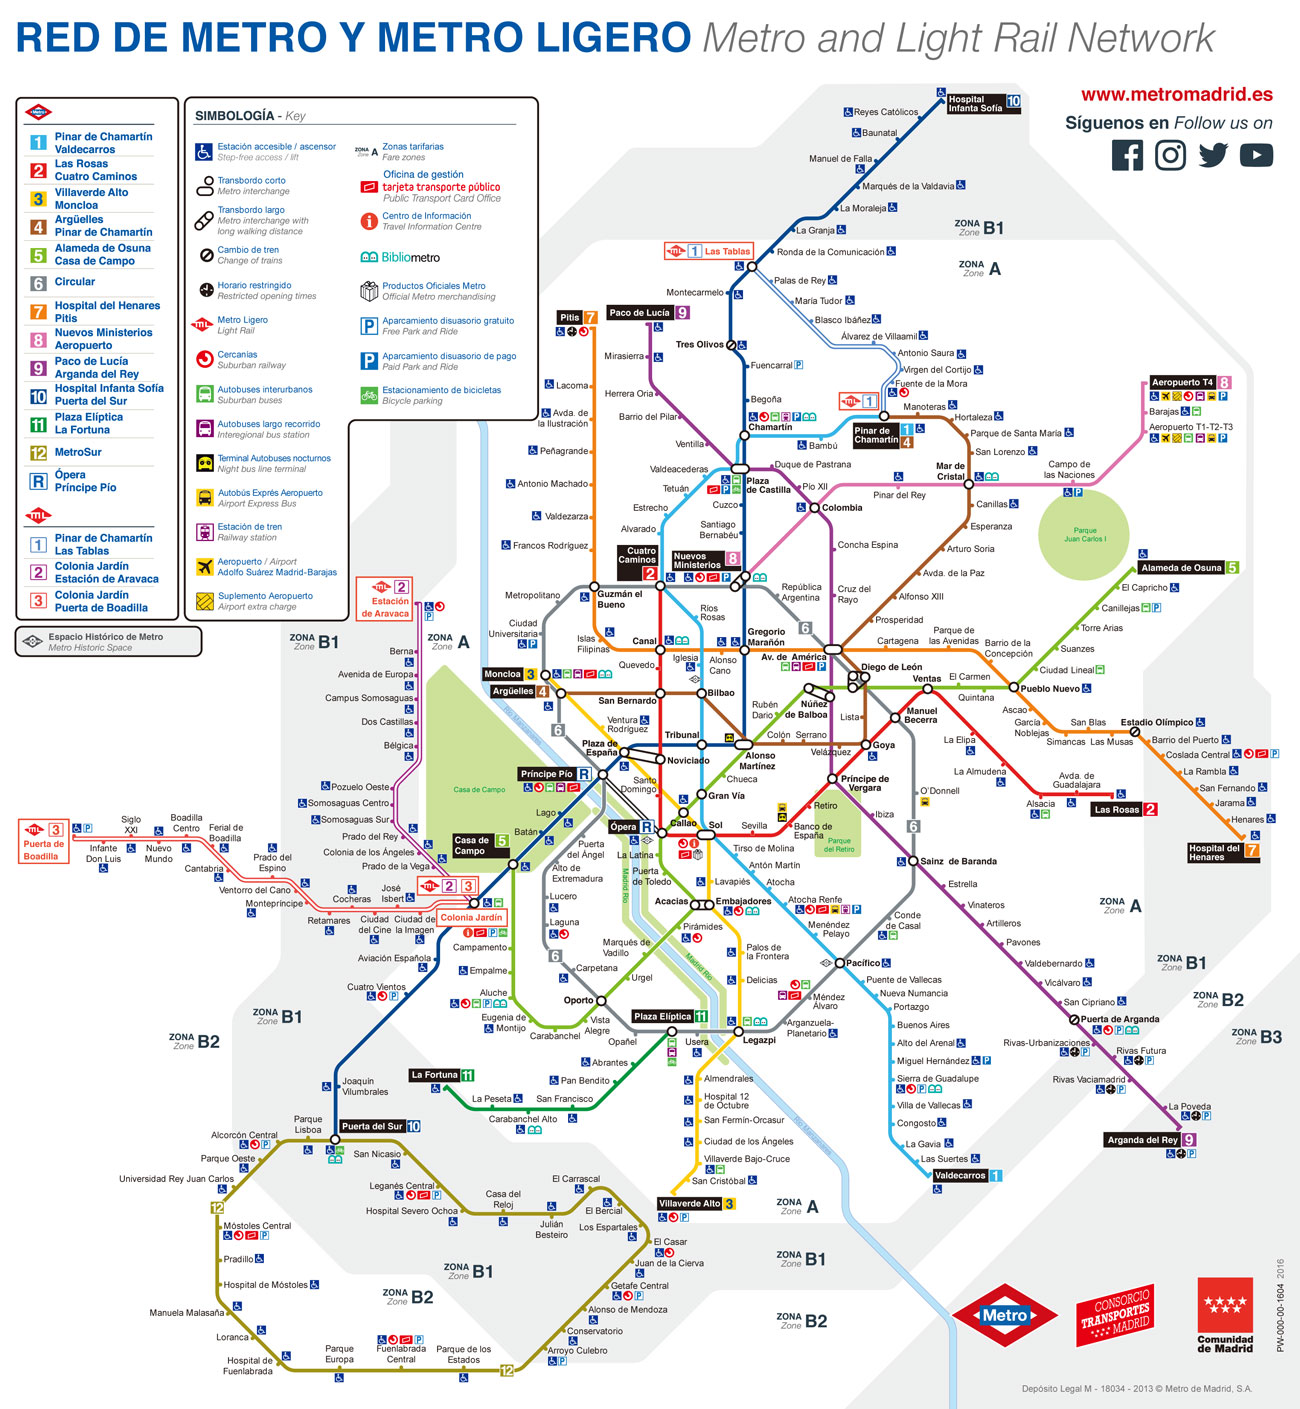 西班牙马德里地铁线路图 运营时间票价站点 查询下载 马德里地铁查询 马德里地铁票价 马德里地铁运营时间 马德里地铁线路图 马德里地铁 西班牙地铁 西班牙地铁线路图  第2张